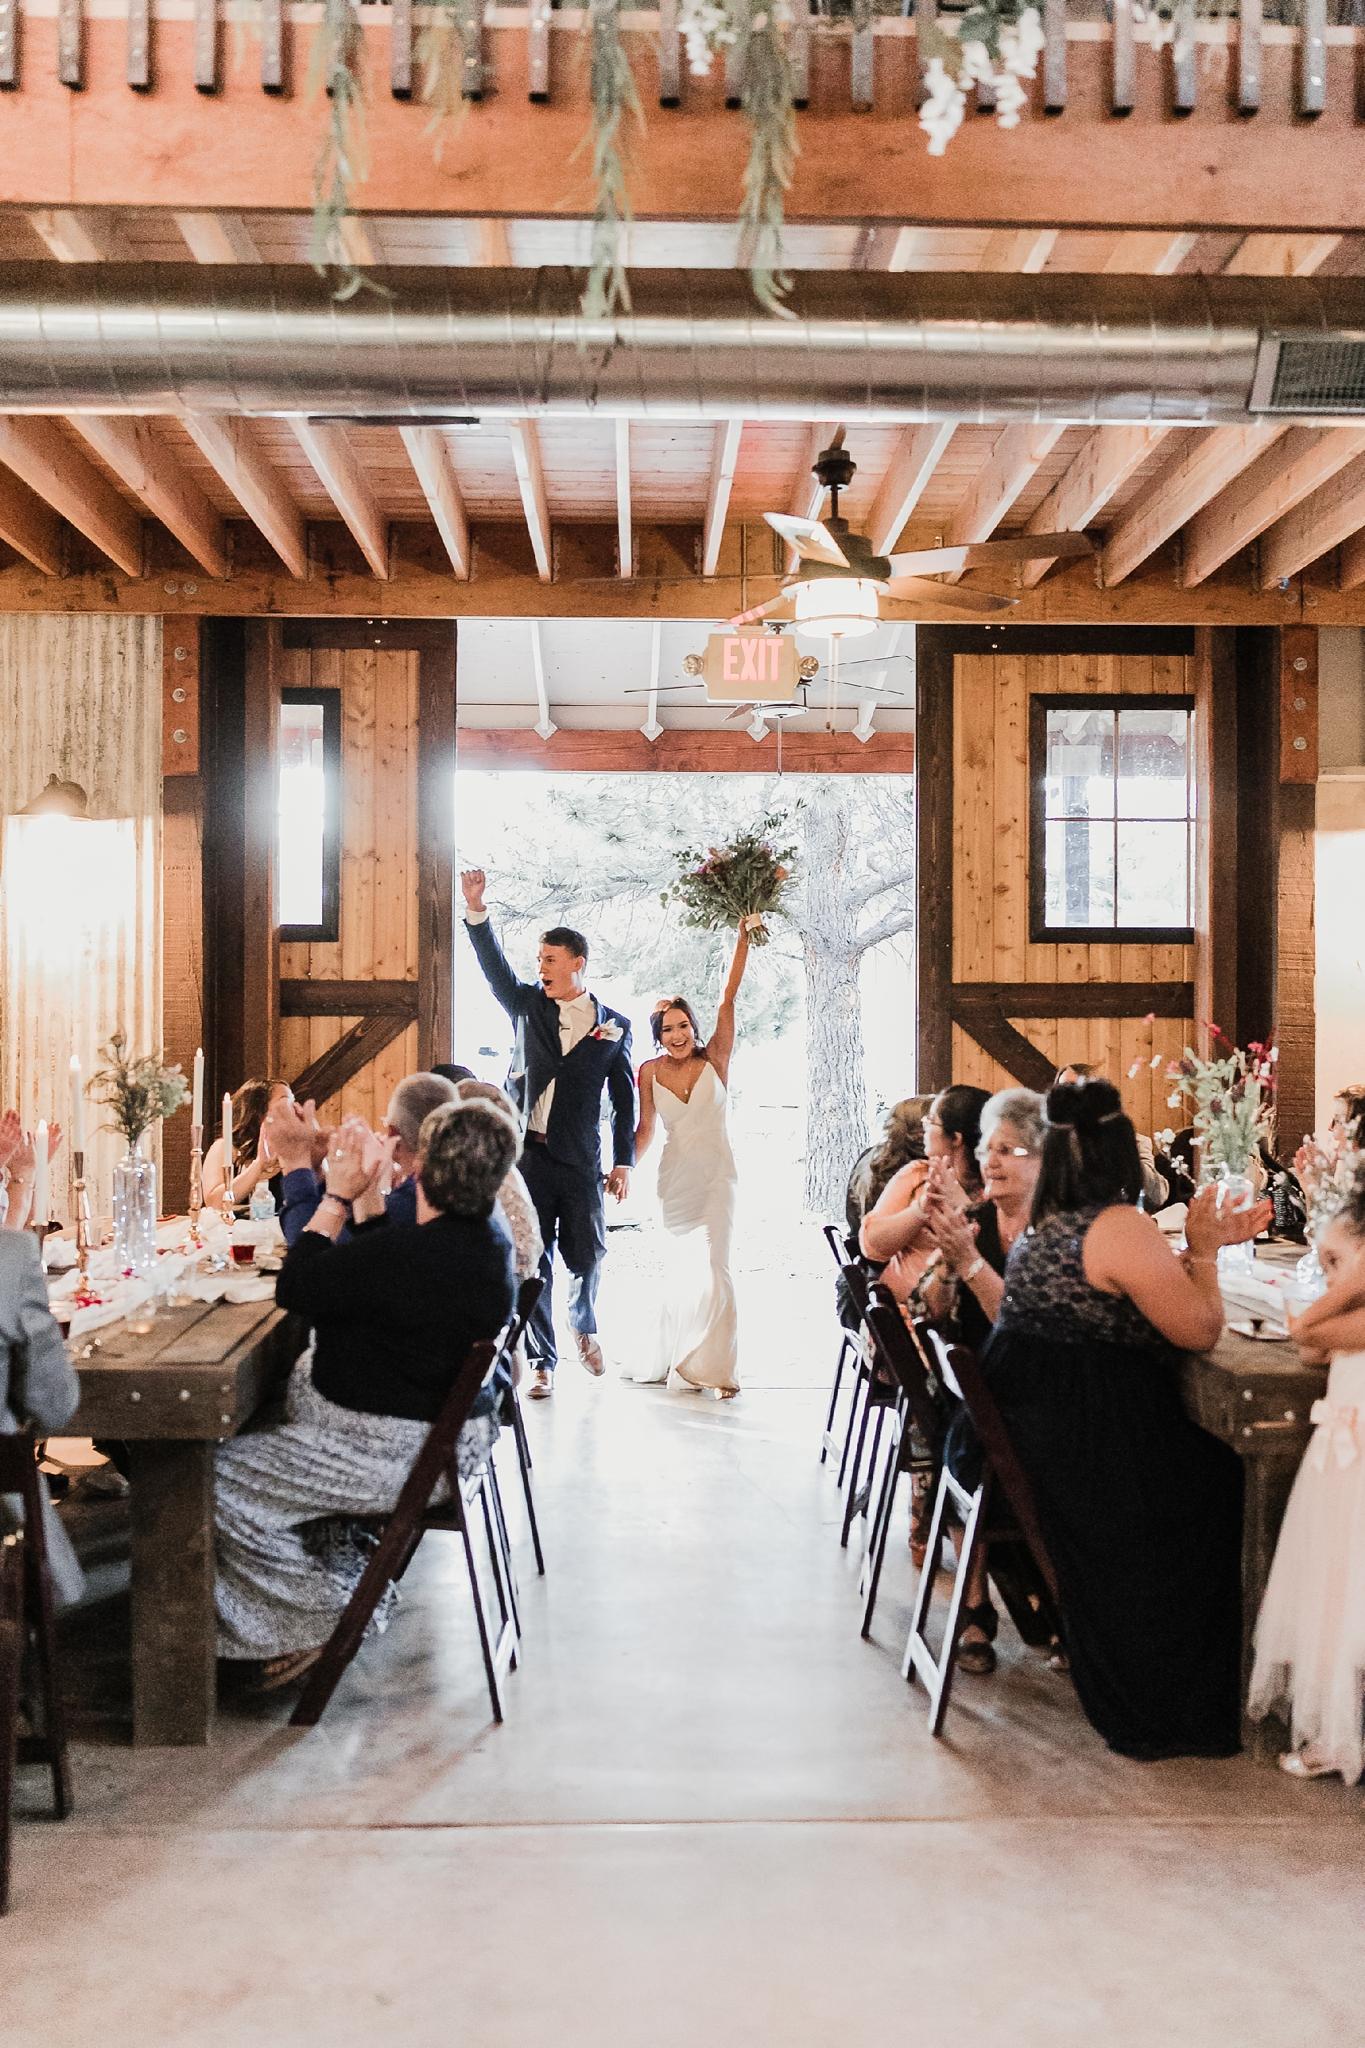 Alicia+lucia+photography+-+albuquerque+wedding+photographer+-+santa+fe+wedding+photography+-+new+mexico+wedding+photographer+-+new+mexico+wedding+-+new+mexico+wedding+-+barn+wedding+-+enchanted+vine+barn+wedding+-+ruidoso+wedding_0147.jpg